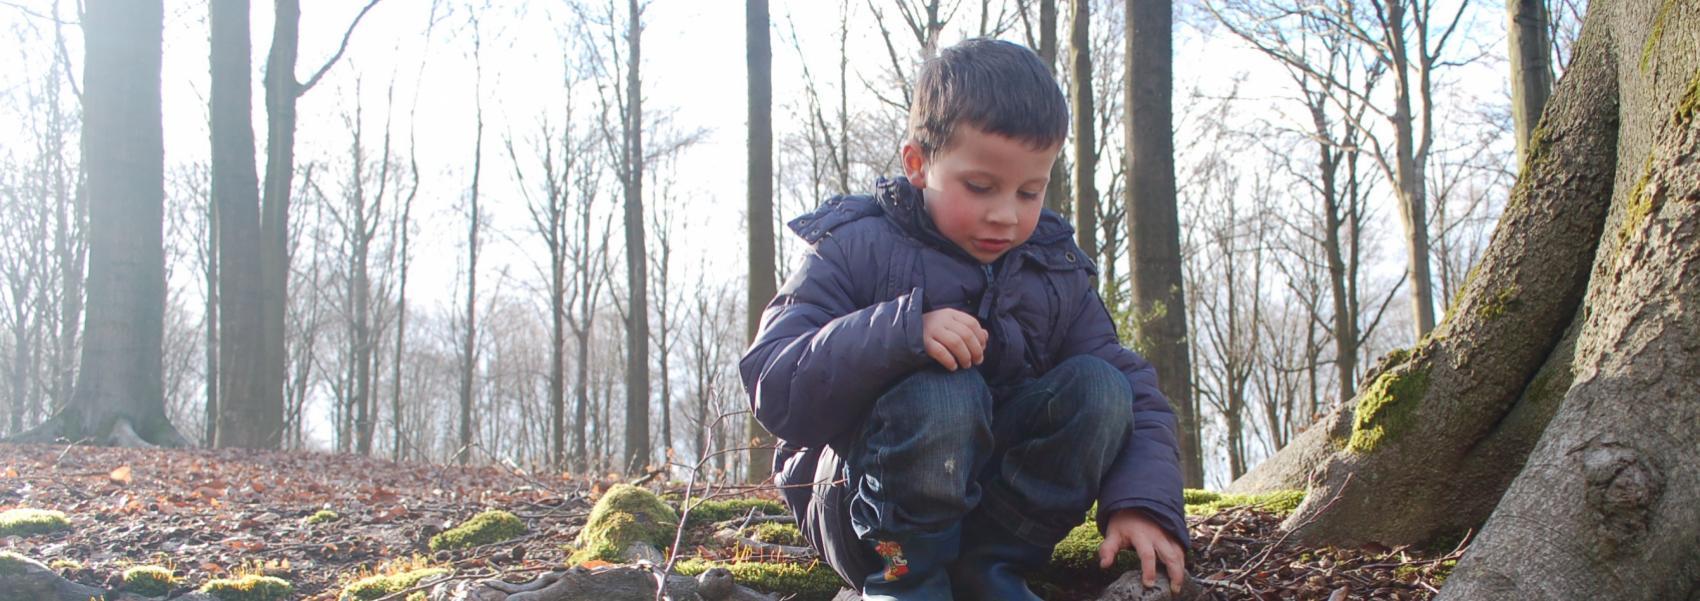 Kind in Brakelbos